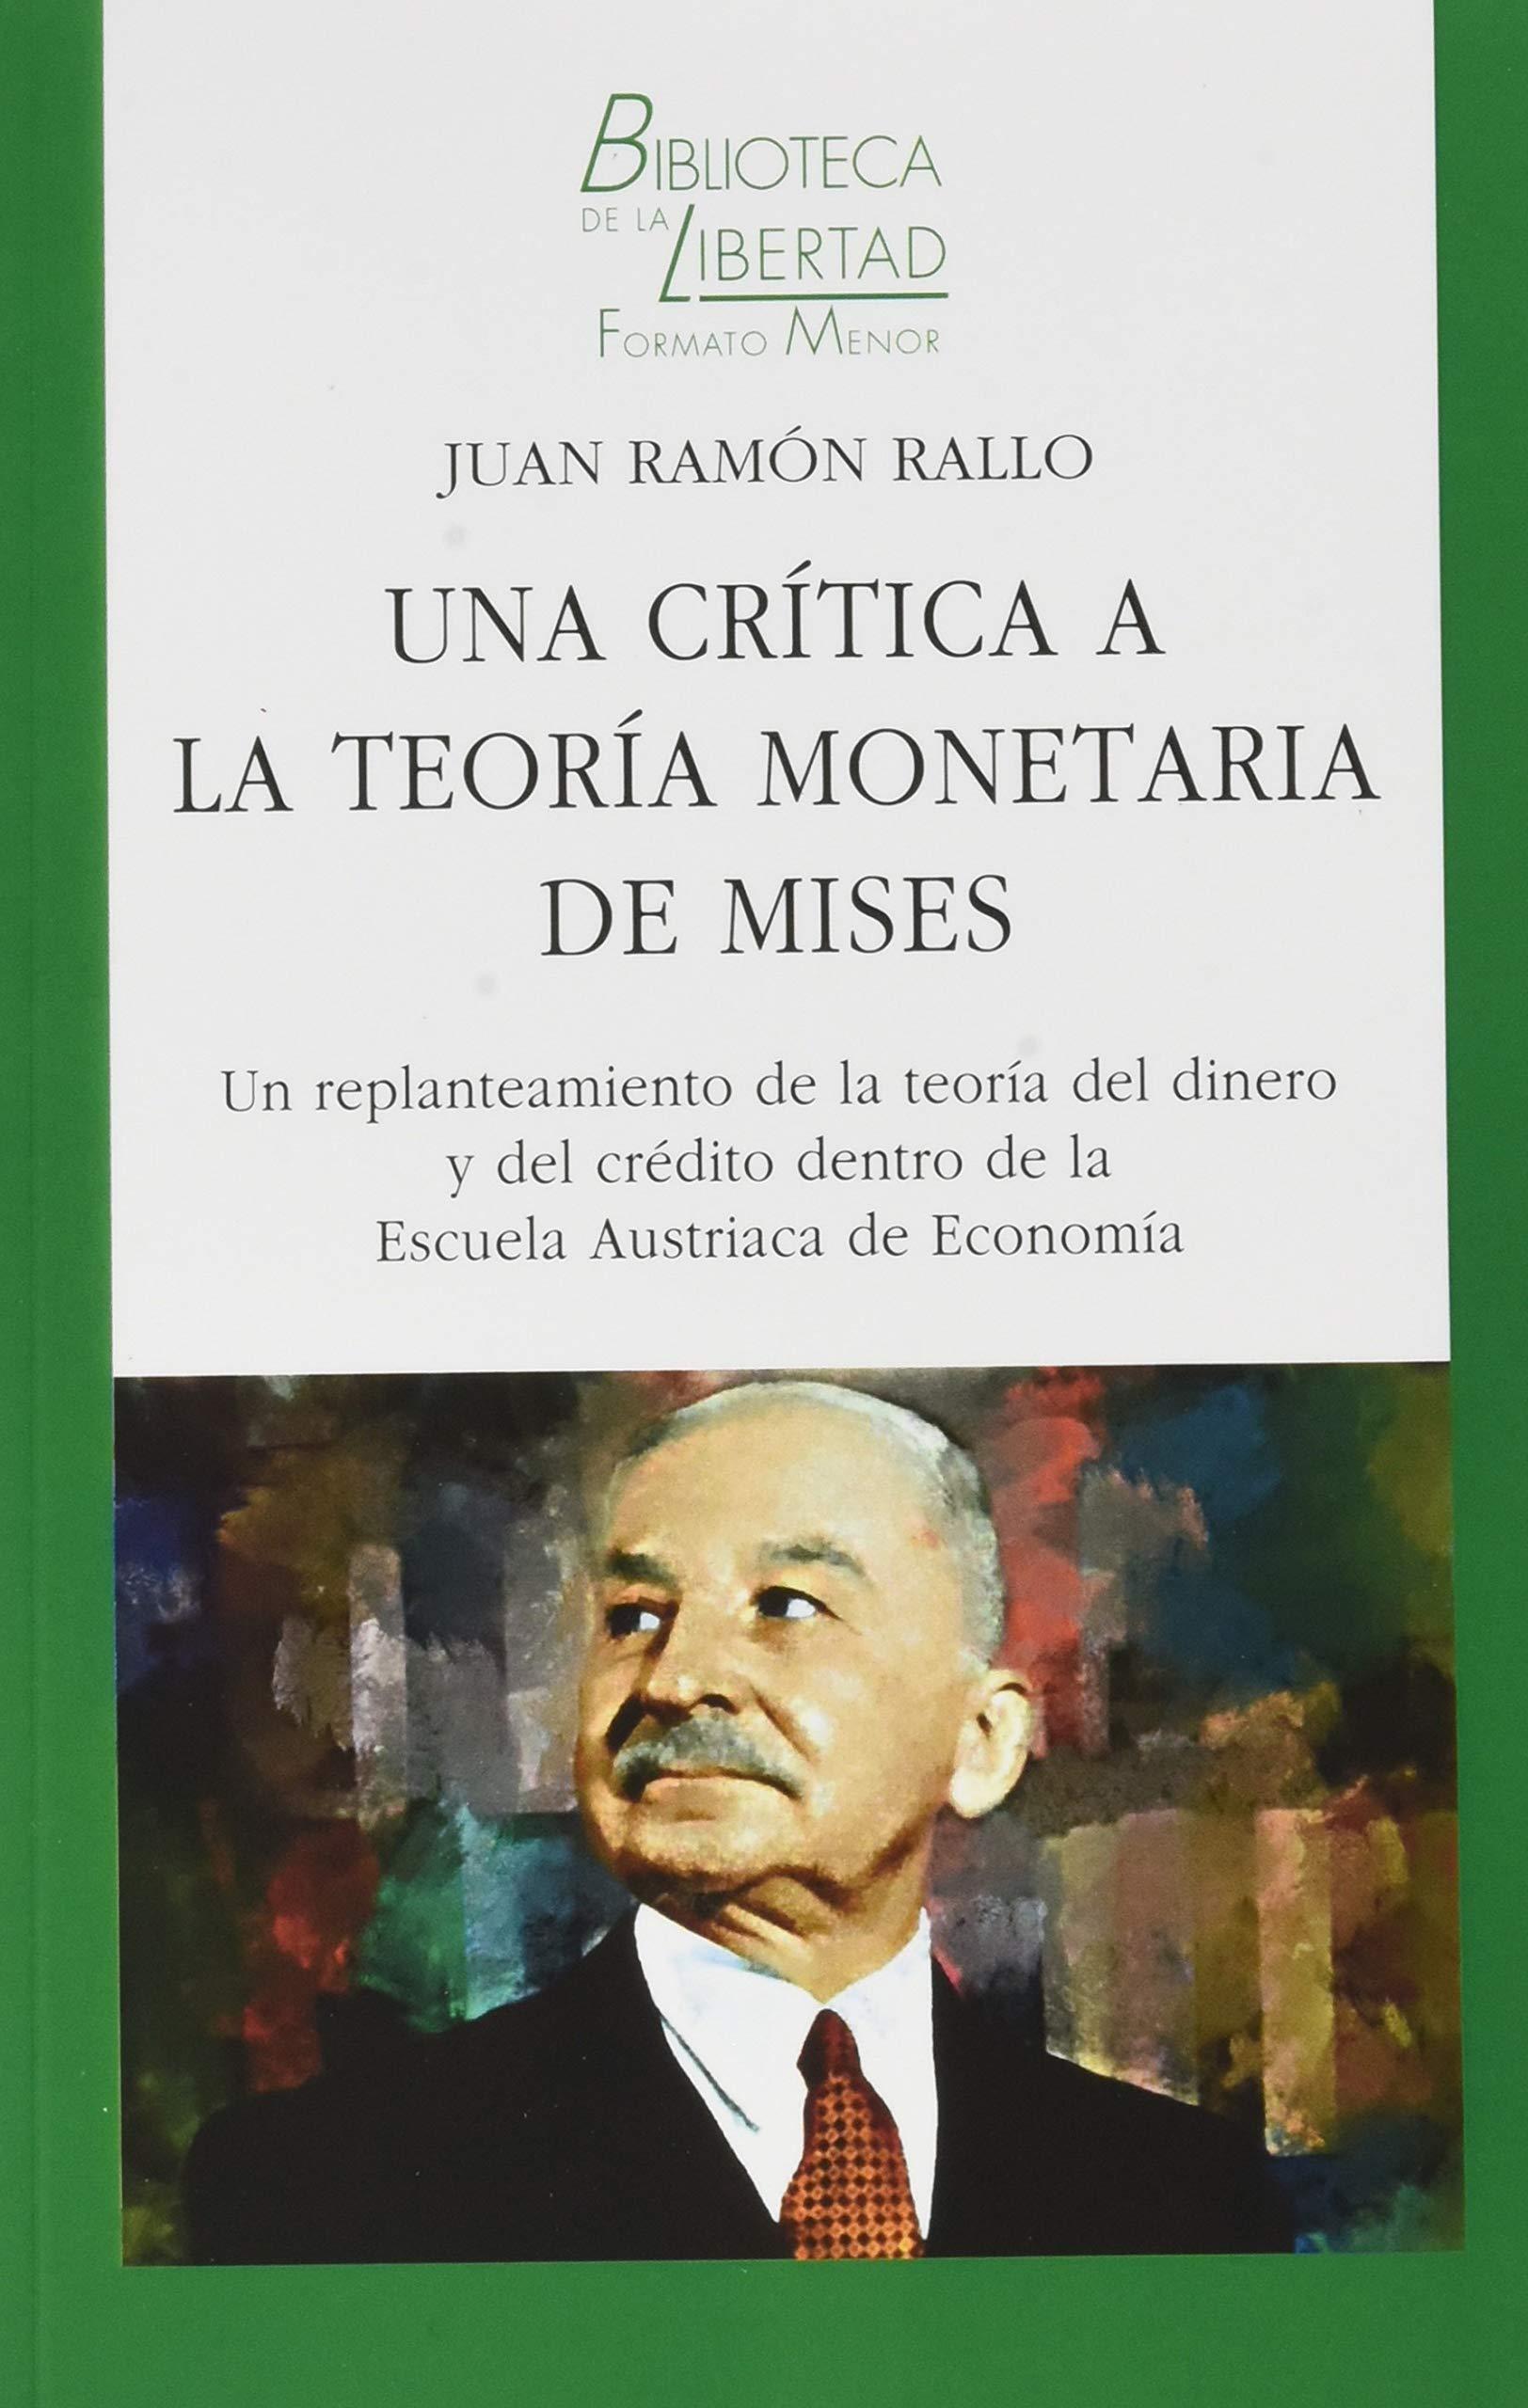 Una crítica a La teoría monetaria de Mises: UN REPLANTEAMIENTO DE LA TEORÍA DEL DINERO Y DEL CRÉDITO DENTRO DE LA ESCUELA AUSTRIACA DE ECONOMÍA: 39 BIBLIOTECA DE LA LIBERTAD FORMATO MENOR: